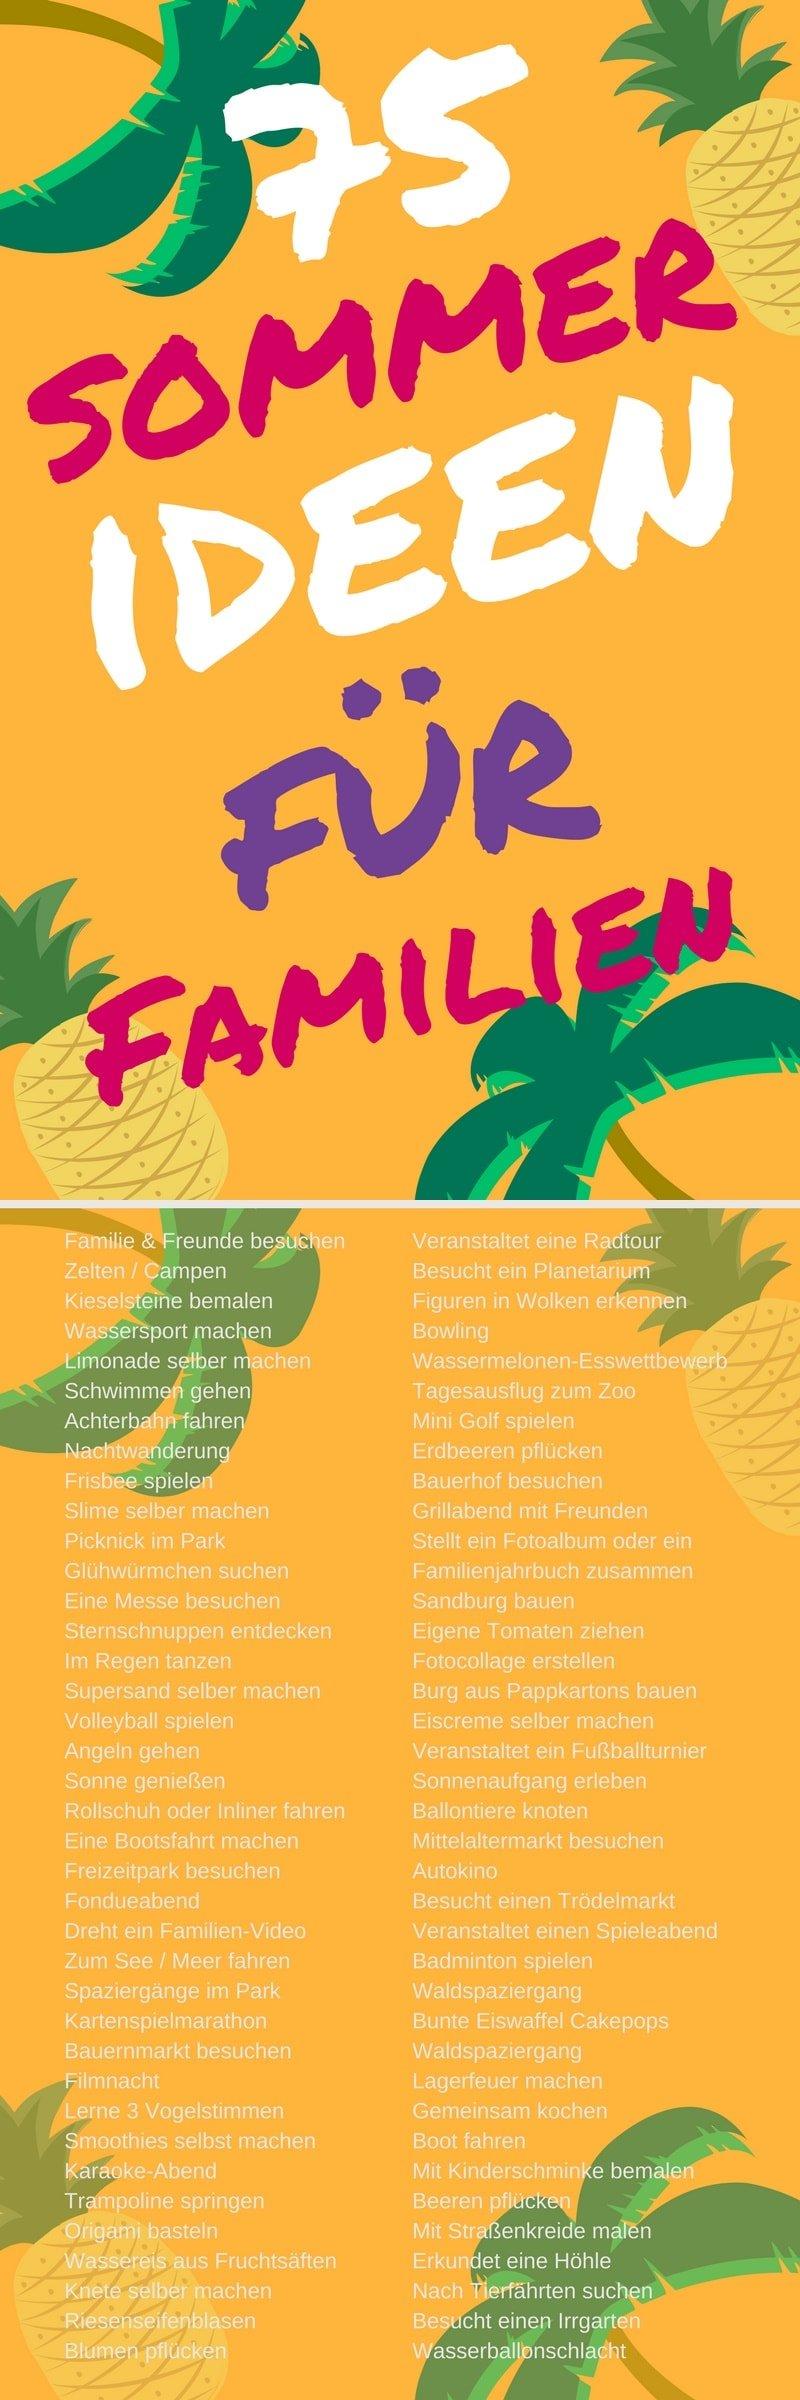 Familie Kinder Ideen Sommer Spiele Aktivitäten Beschäftigung